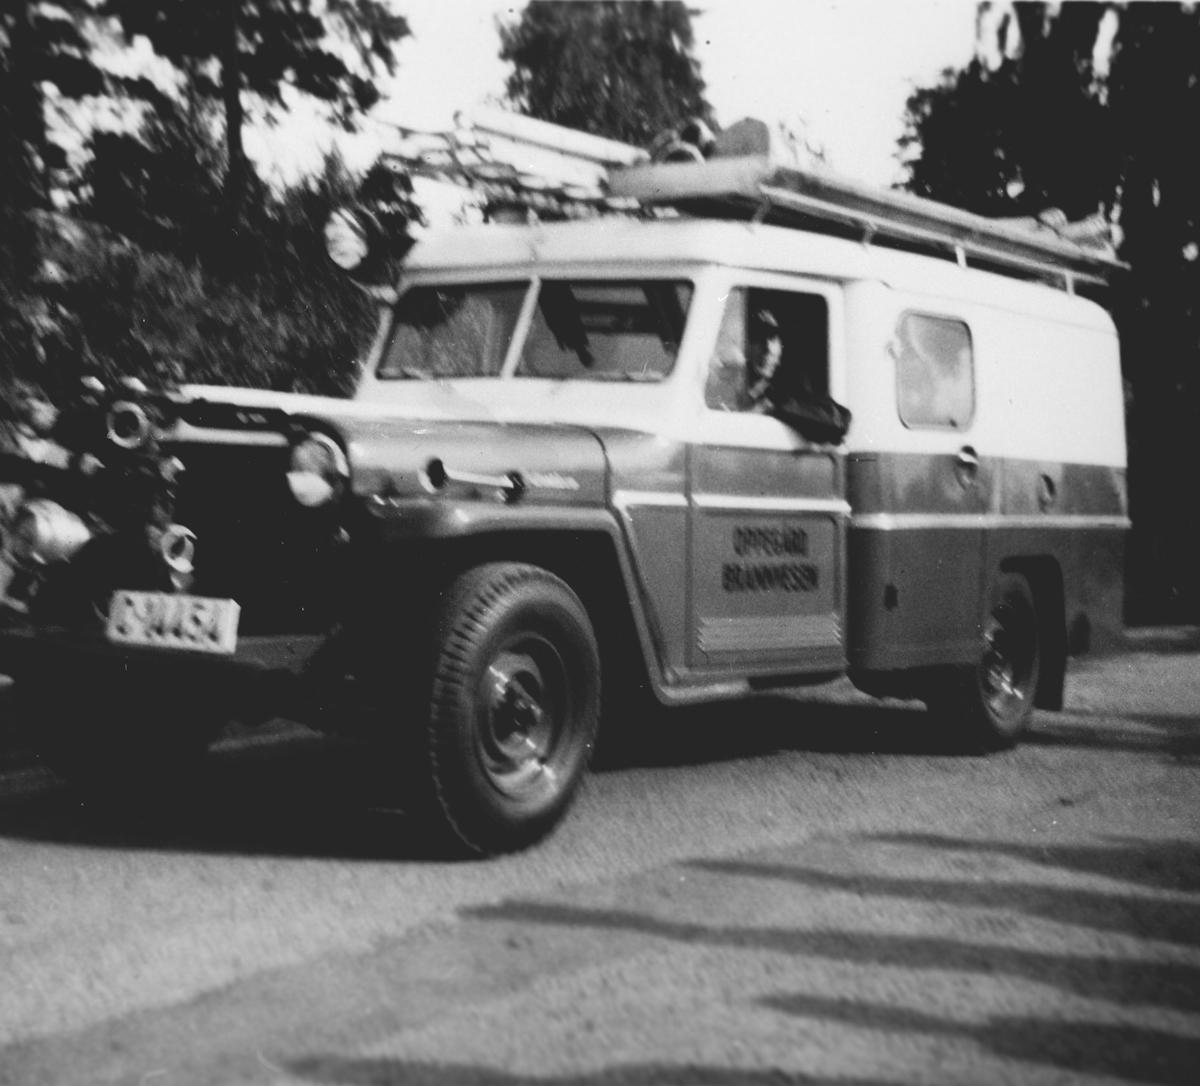 Opptog i forbindelse med Oppegård kommunes 50-års jubileum. En bil fra Oppegård Brannvesen (av merke Willys).